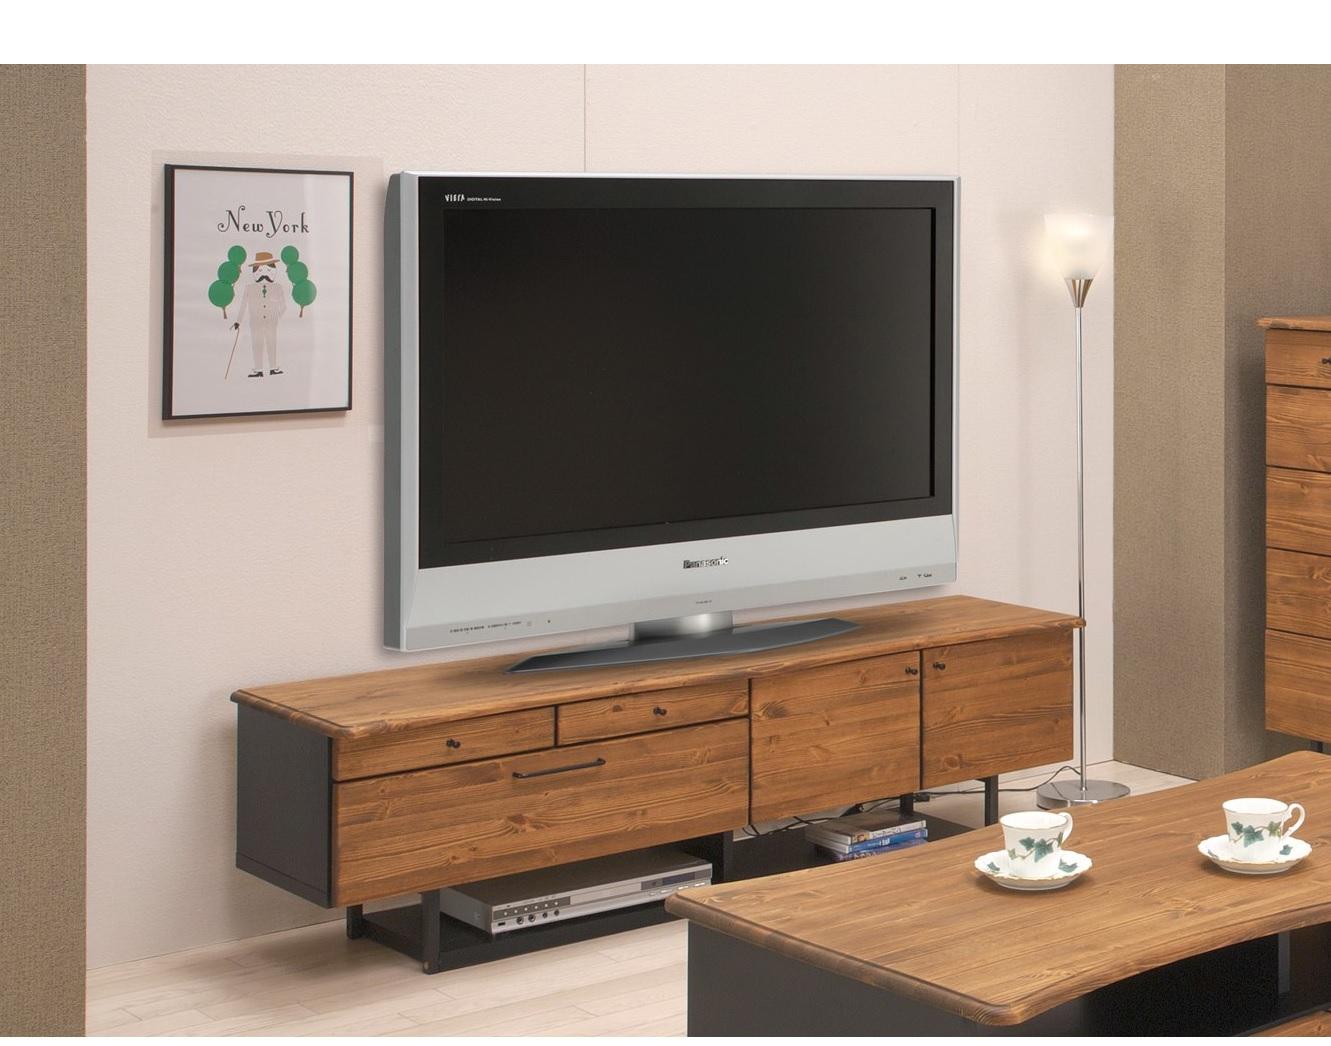 横幅160cm テレビサイズ72型まで対応可能です 送料無料 160 テレビボード ついに入荷 完成品 リベック TV テレビ台 収納 日本製 国産家具 大川 52型 70型 46型 家具 通販 返品不可 60型 42型